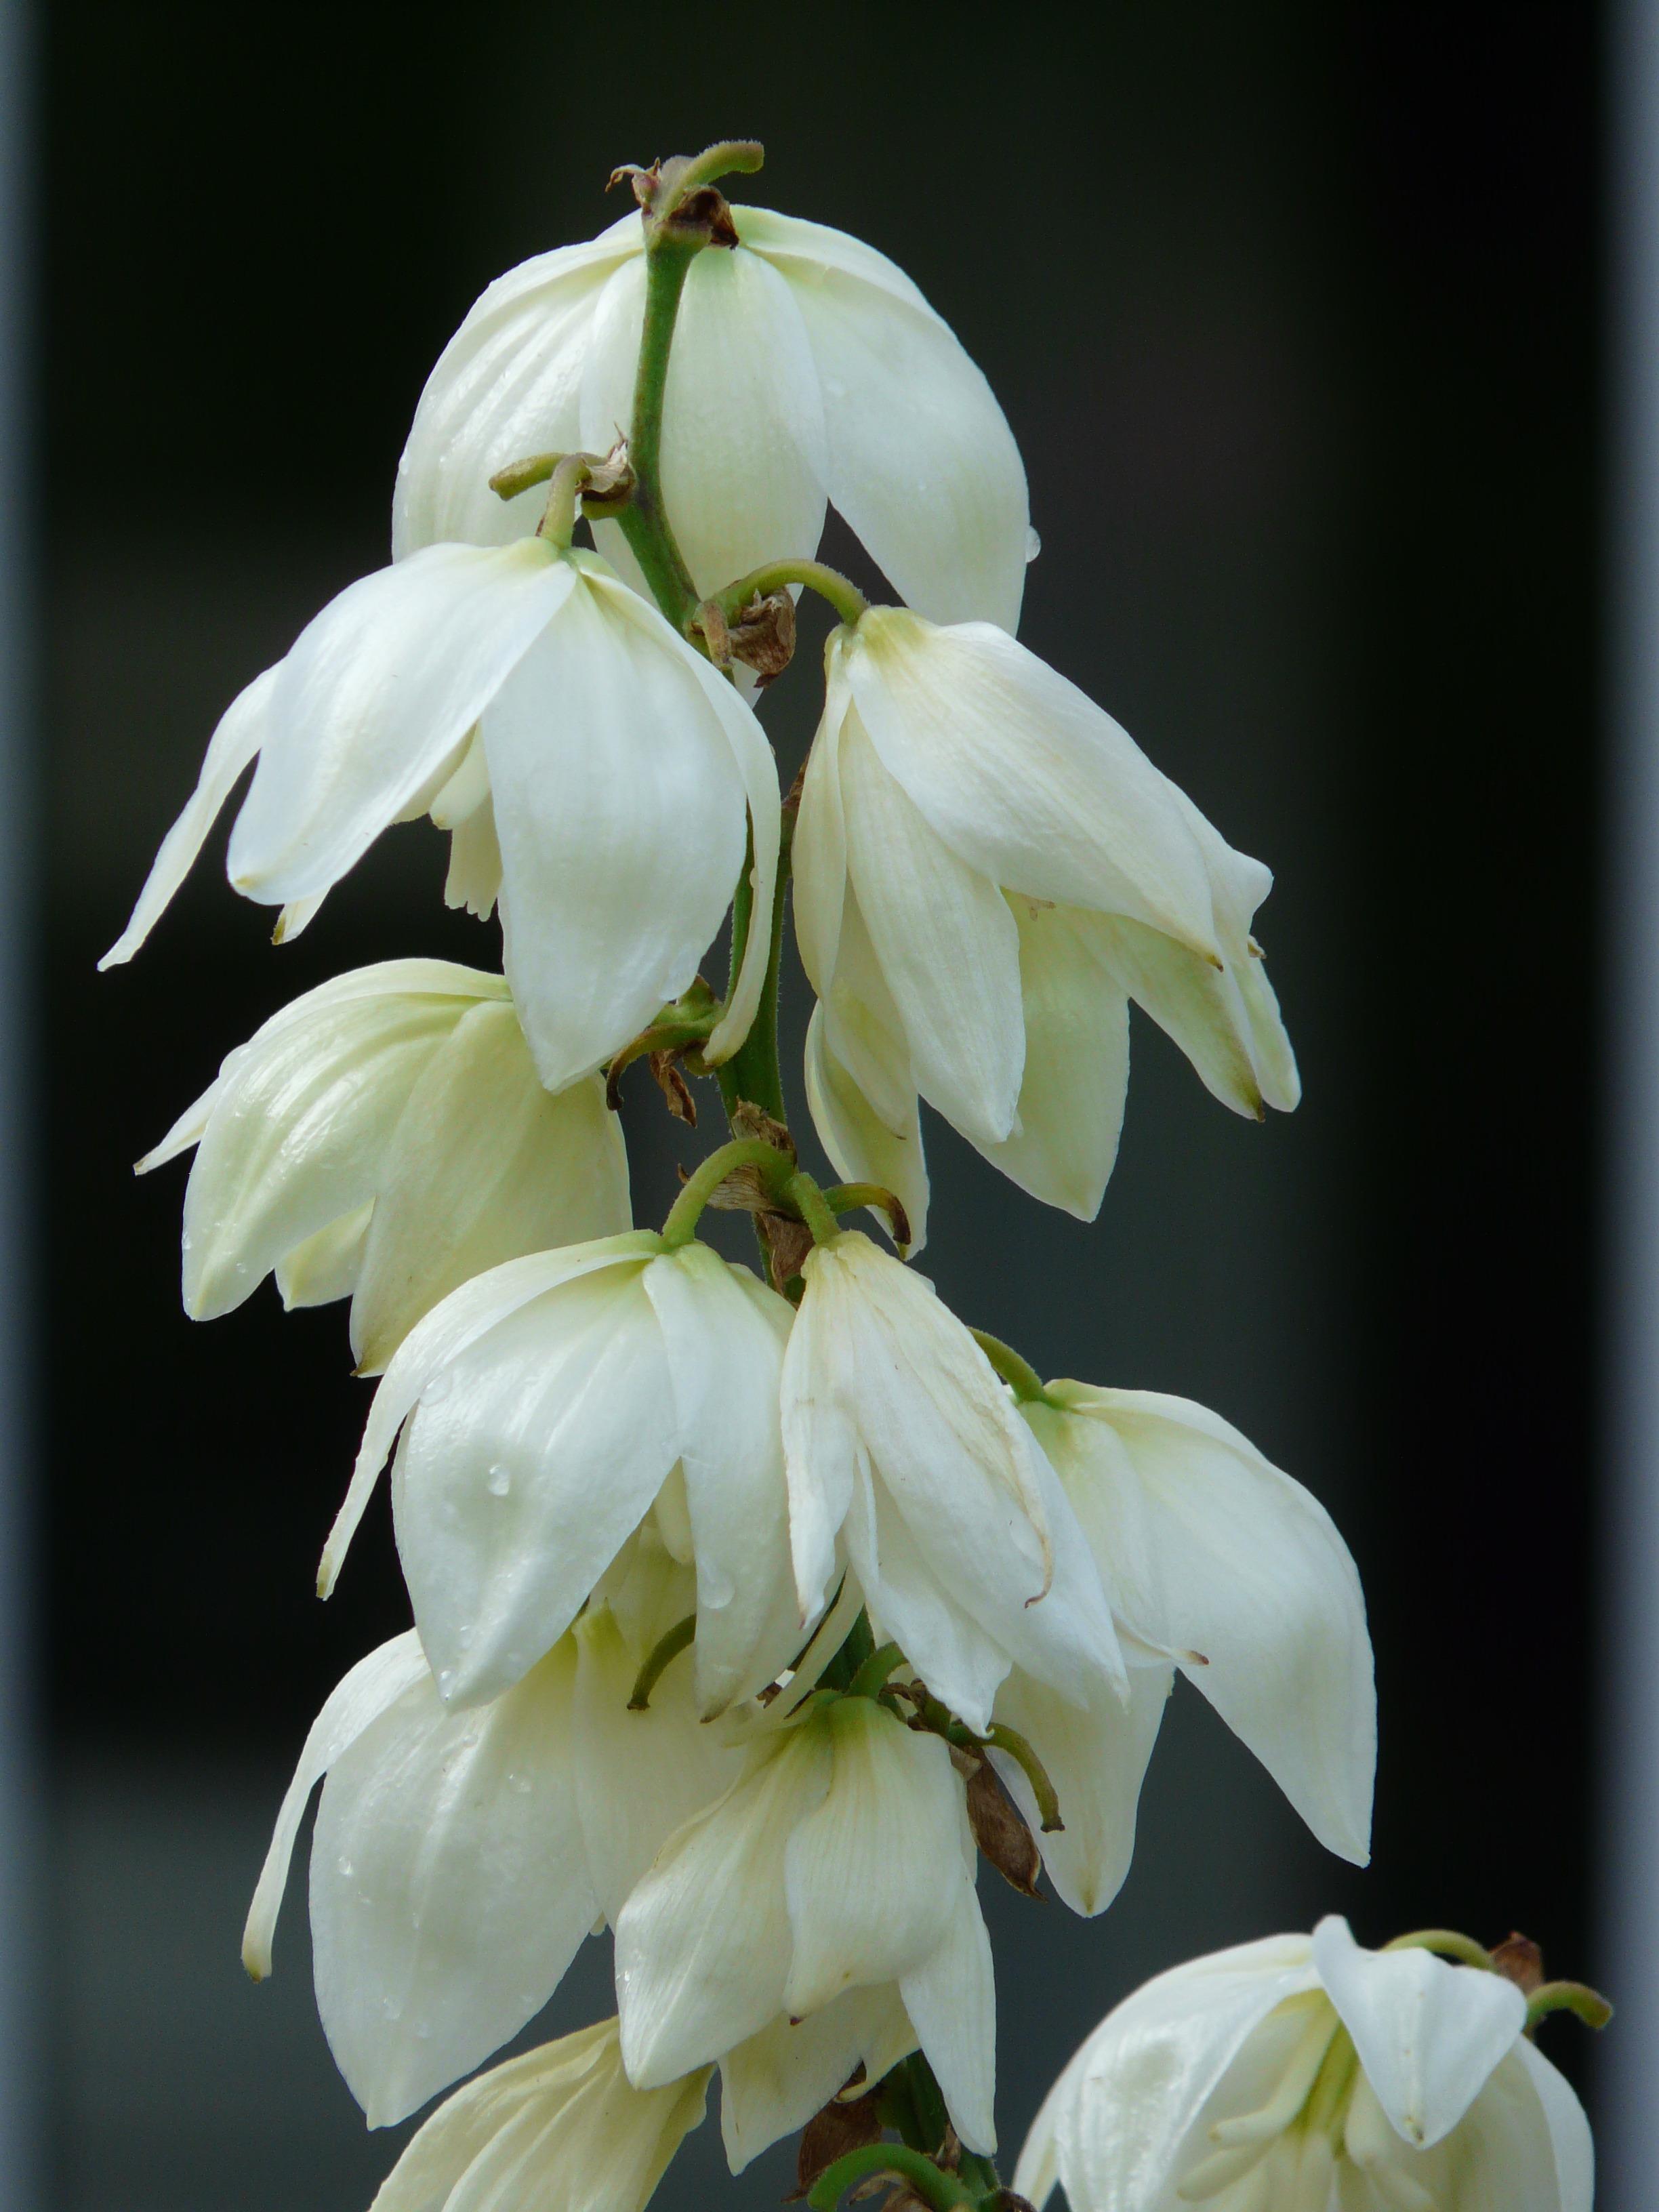 Images Gratuites Fleur Blanc Petale Floraison Botanique Flore